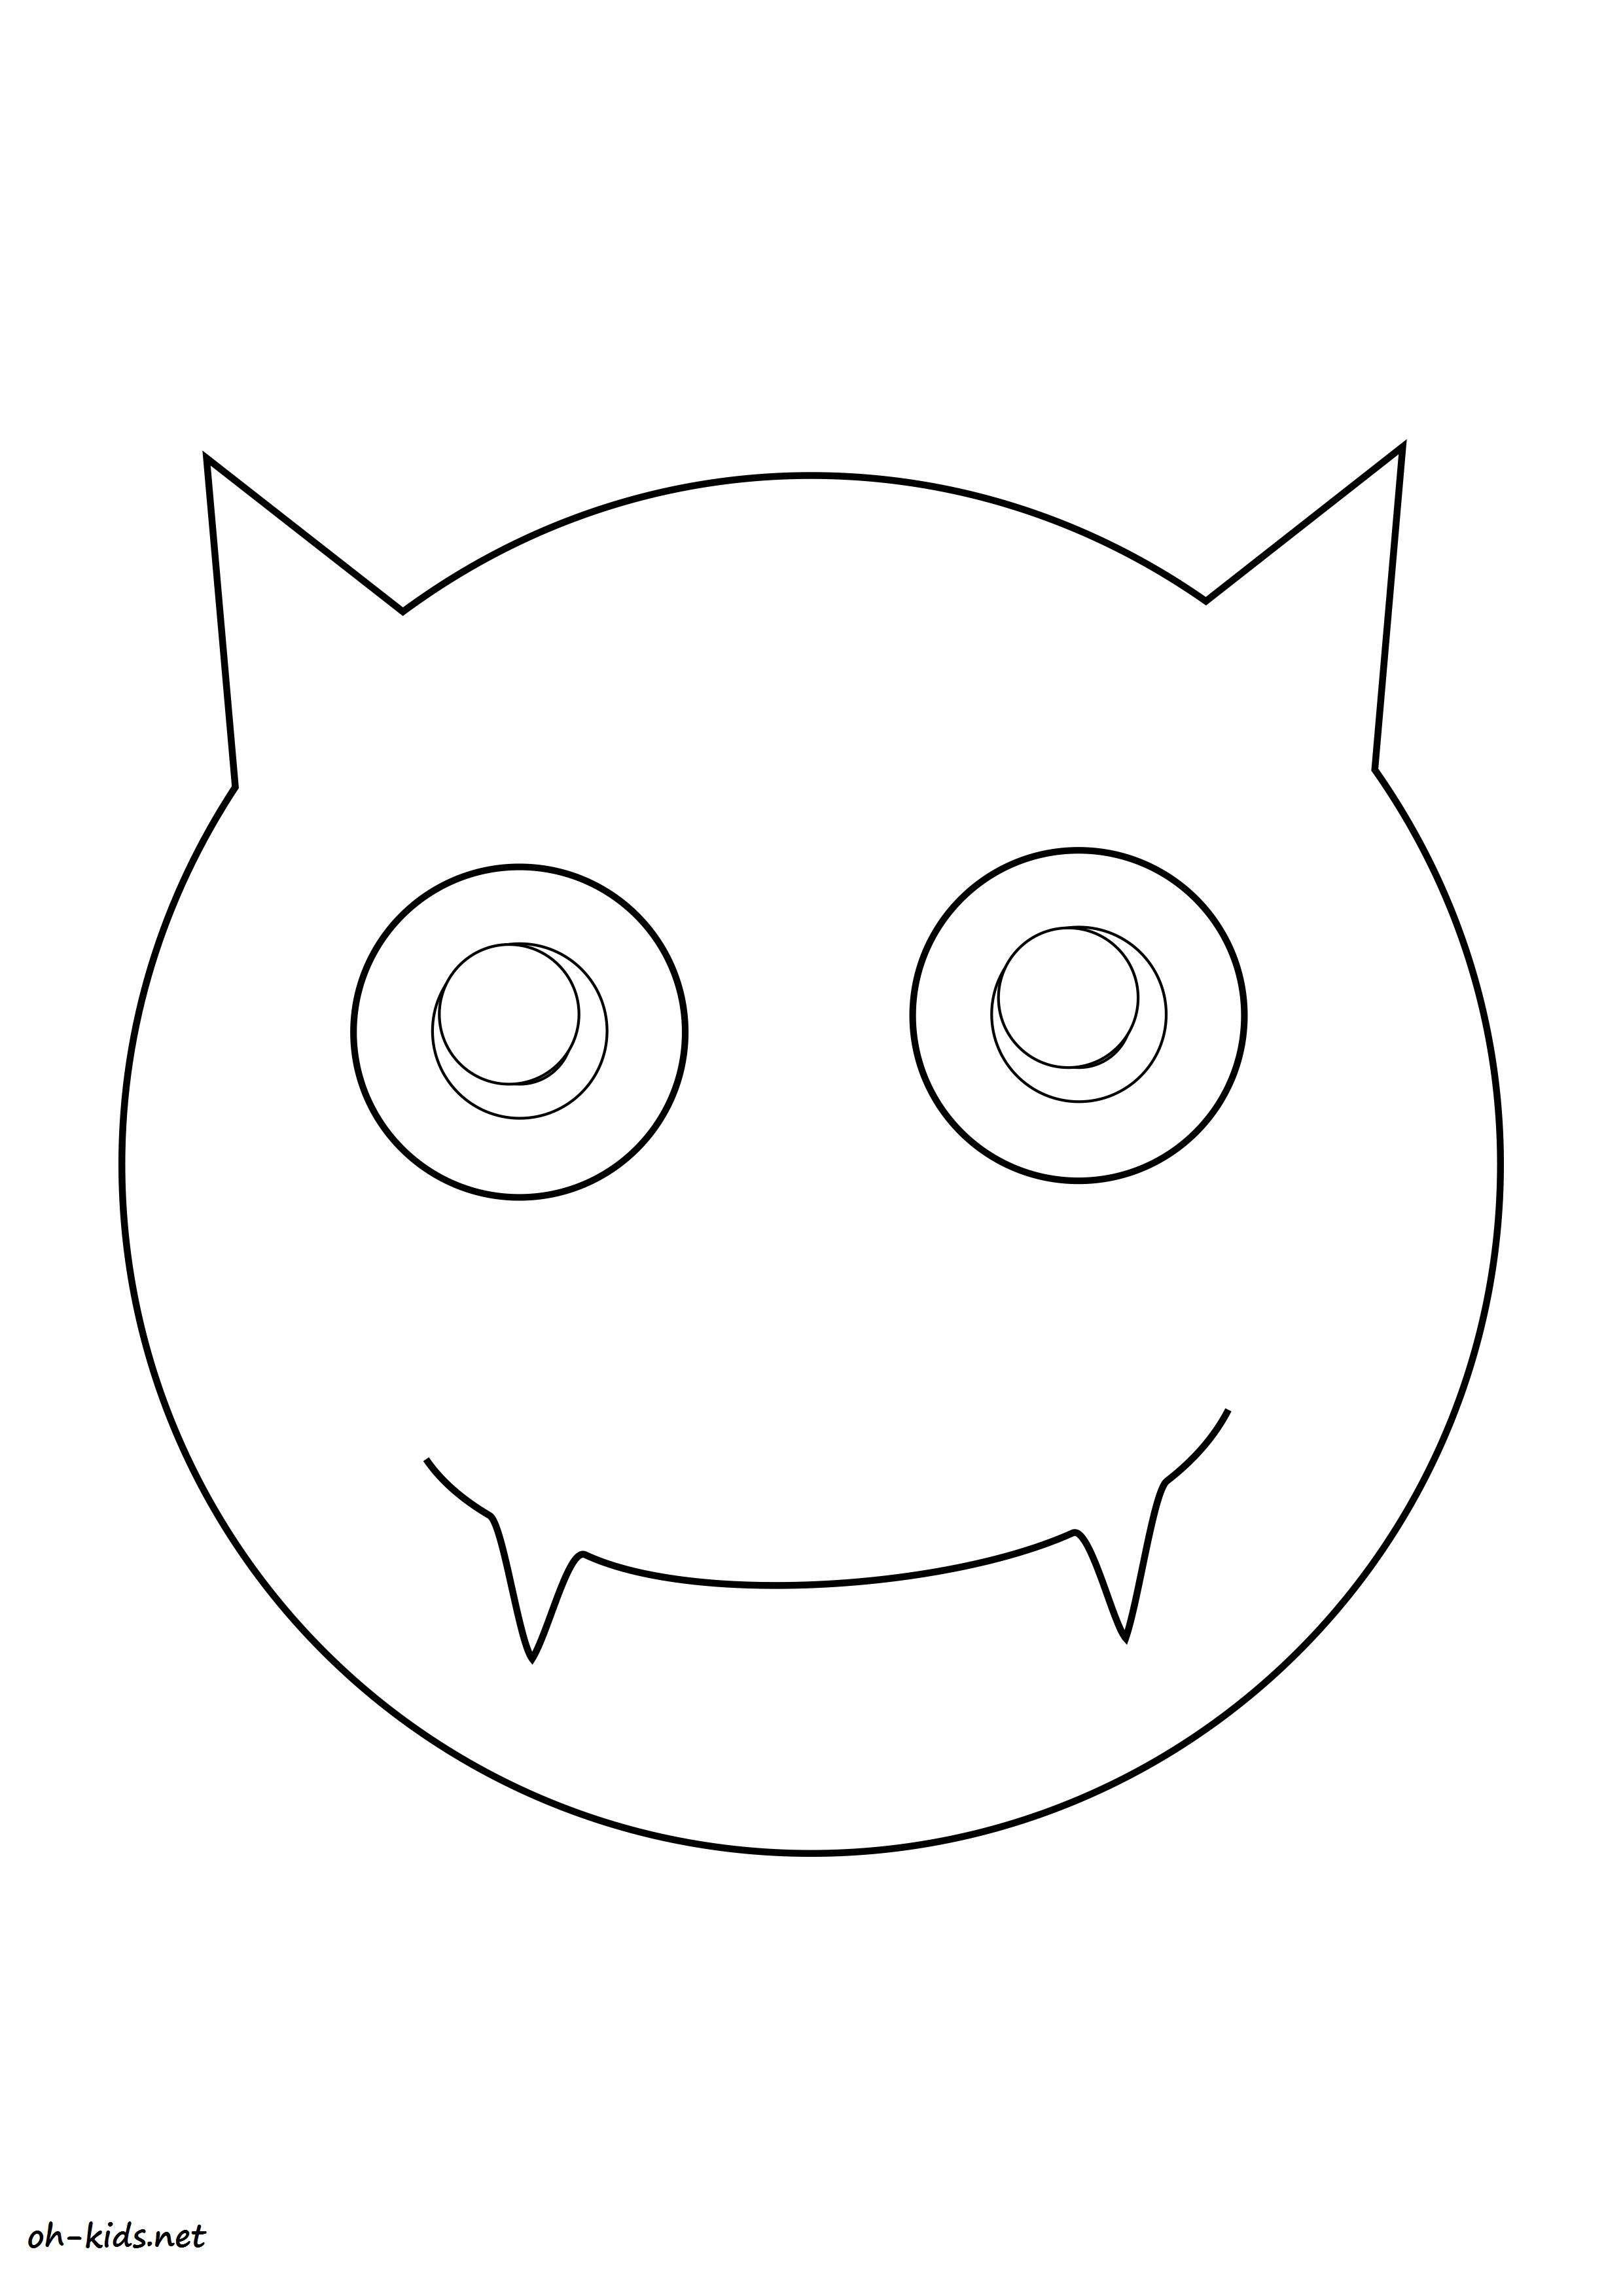 Coloriage Smiley Kawaii.Coloriage Comment Dessiner Kissing Emoji Step Dessin 9 Modern